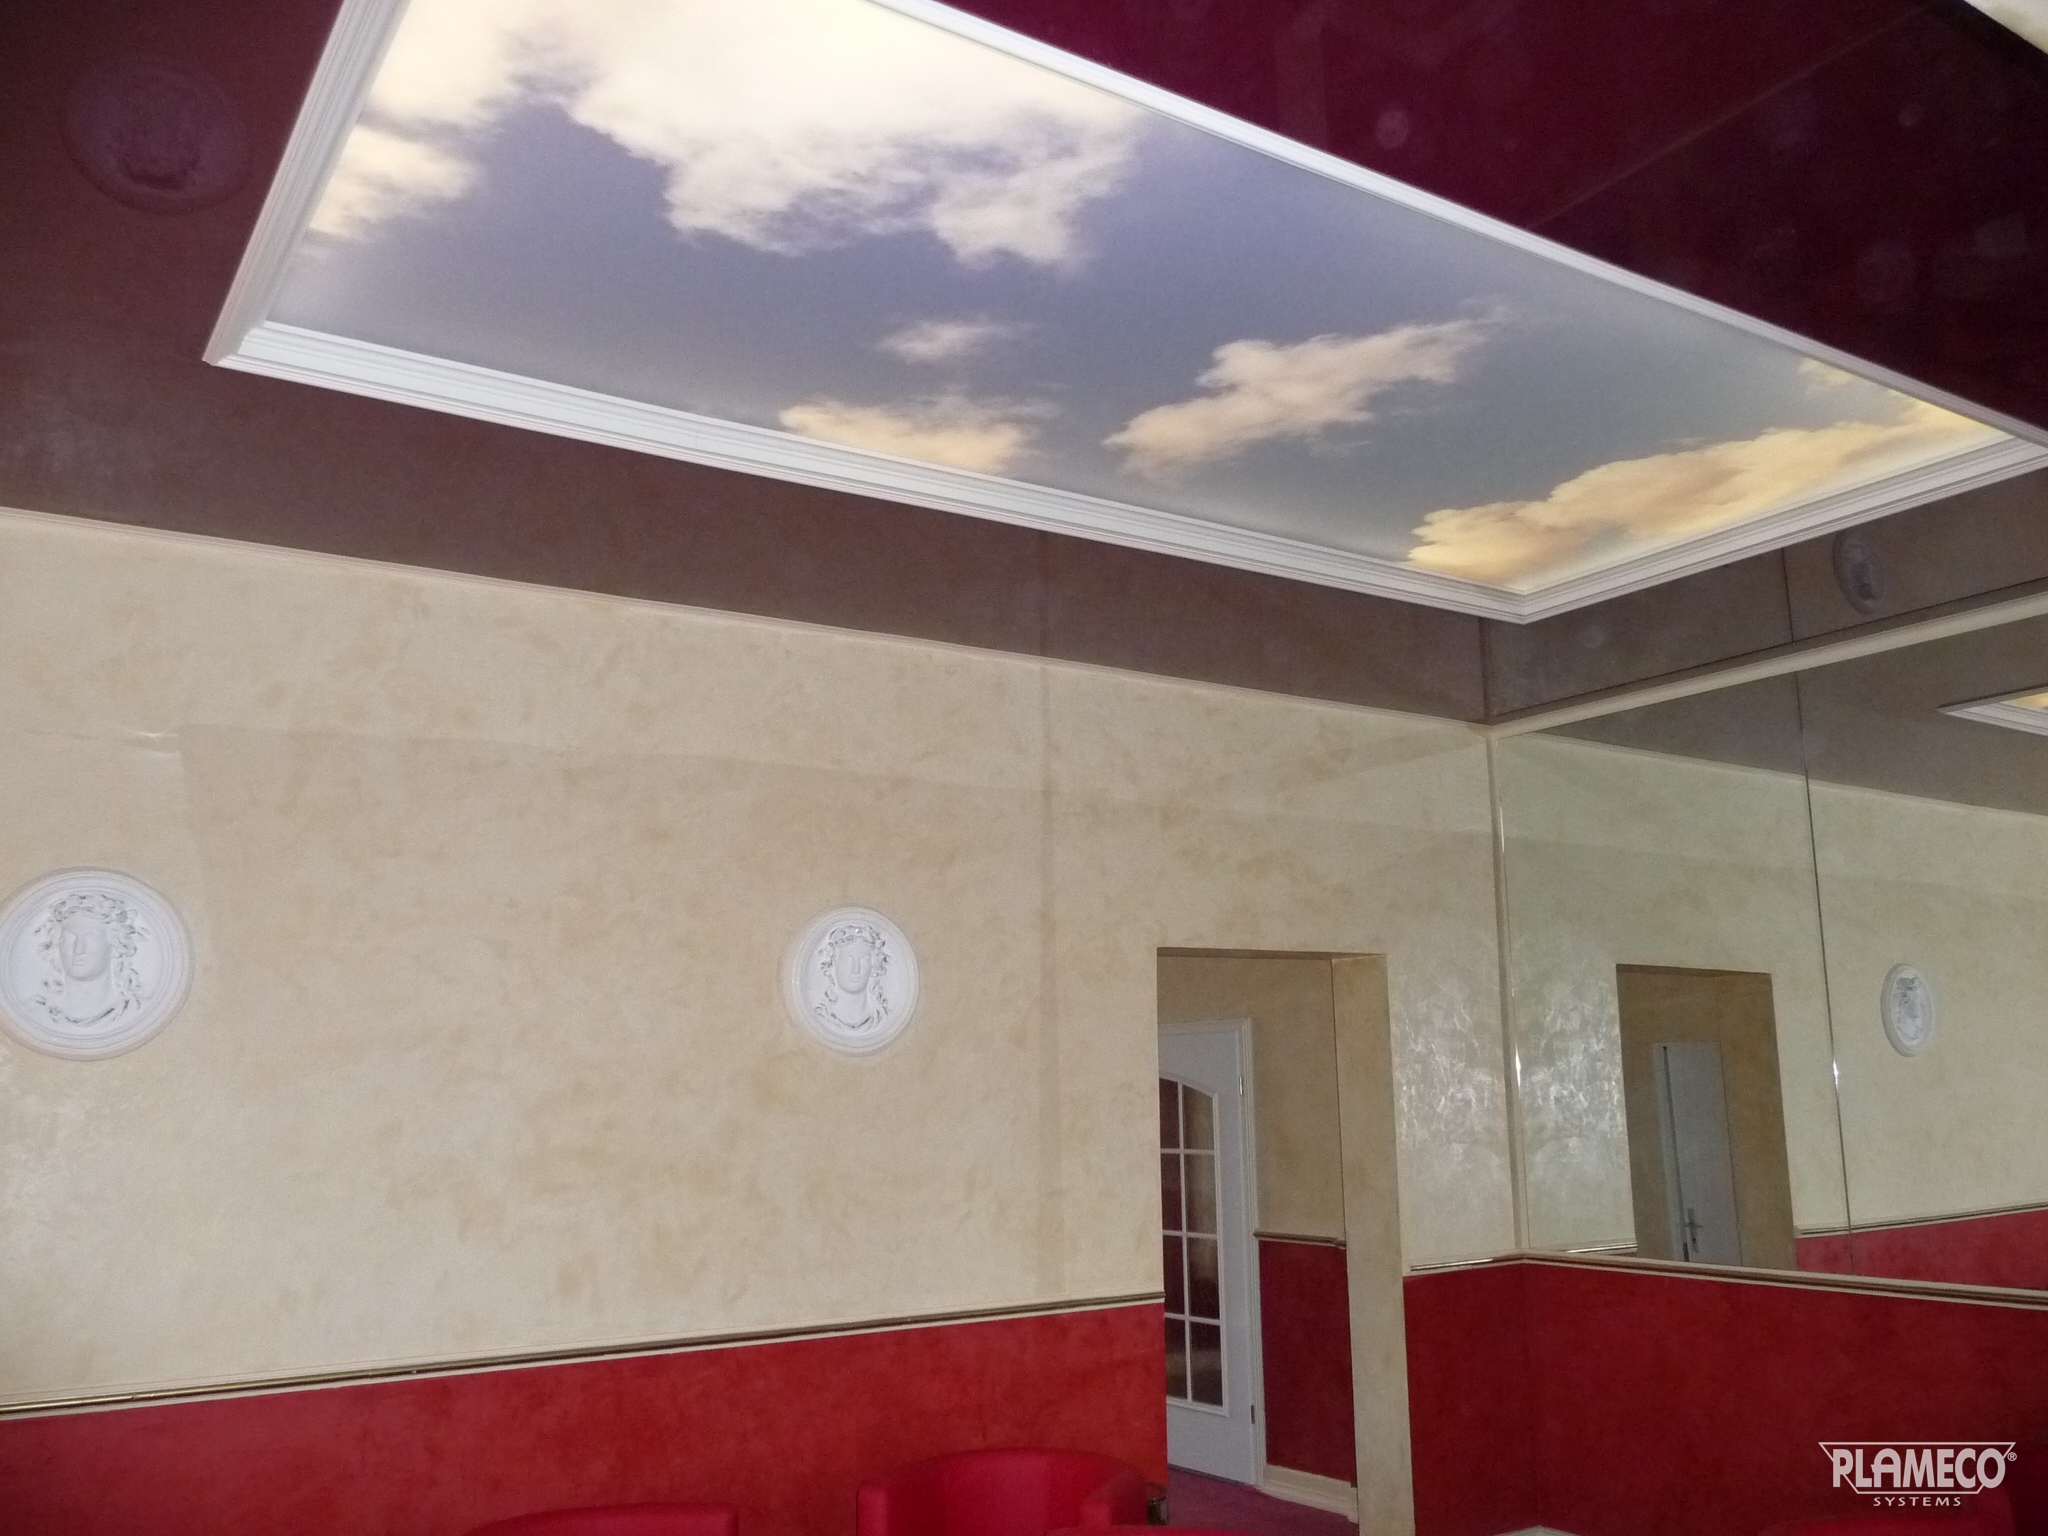 plameco fachbetrieb k pping in sch nteichen kiefernweg telefonnummer und bewertungen. Black Bedroom Furniture Sets. Home Design Ideas